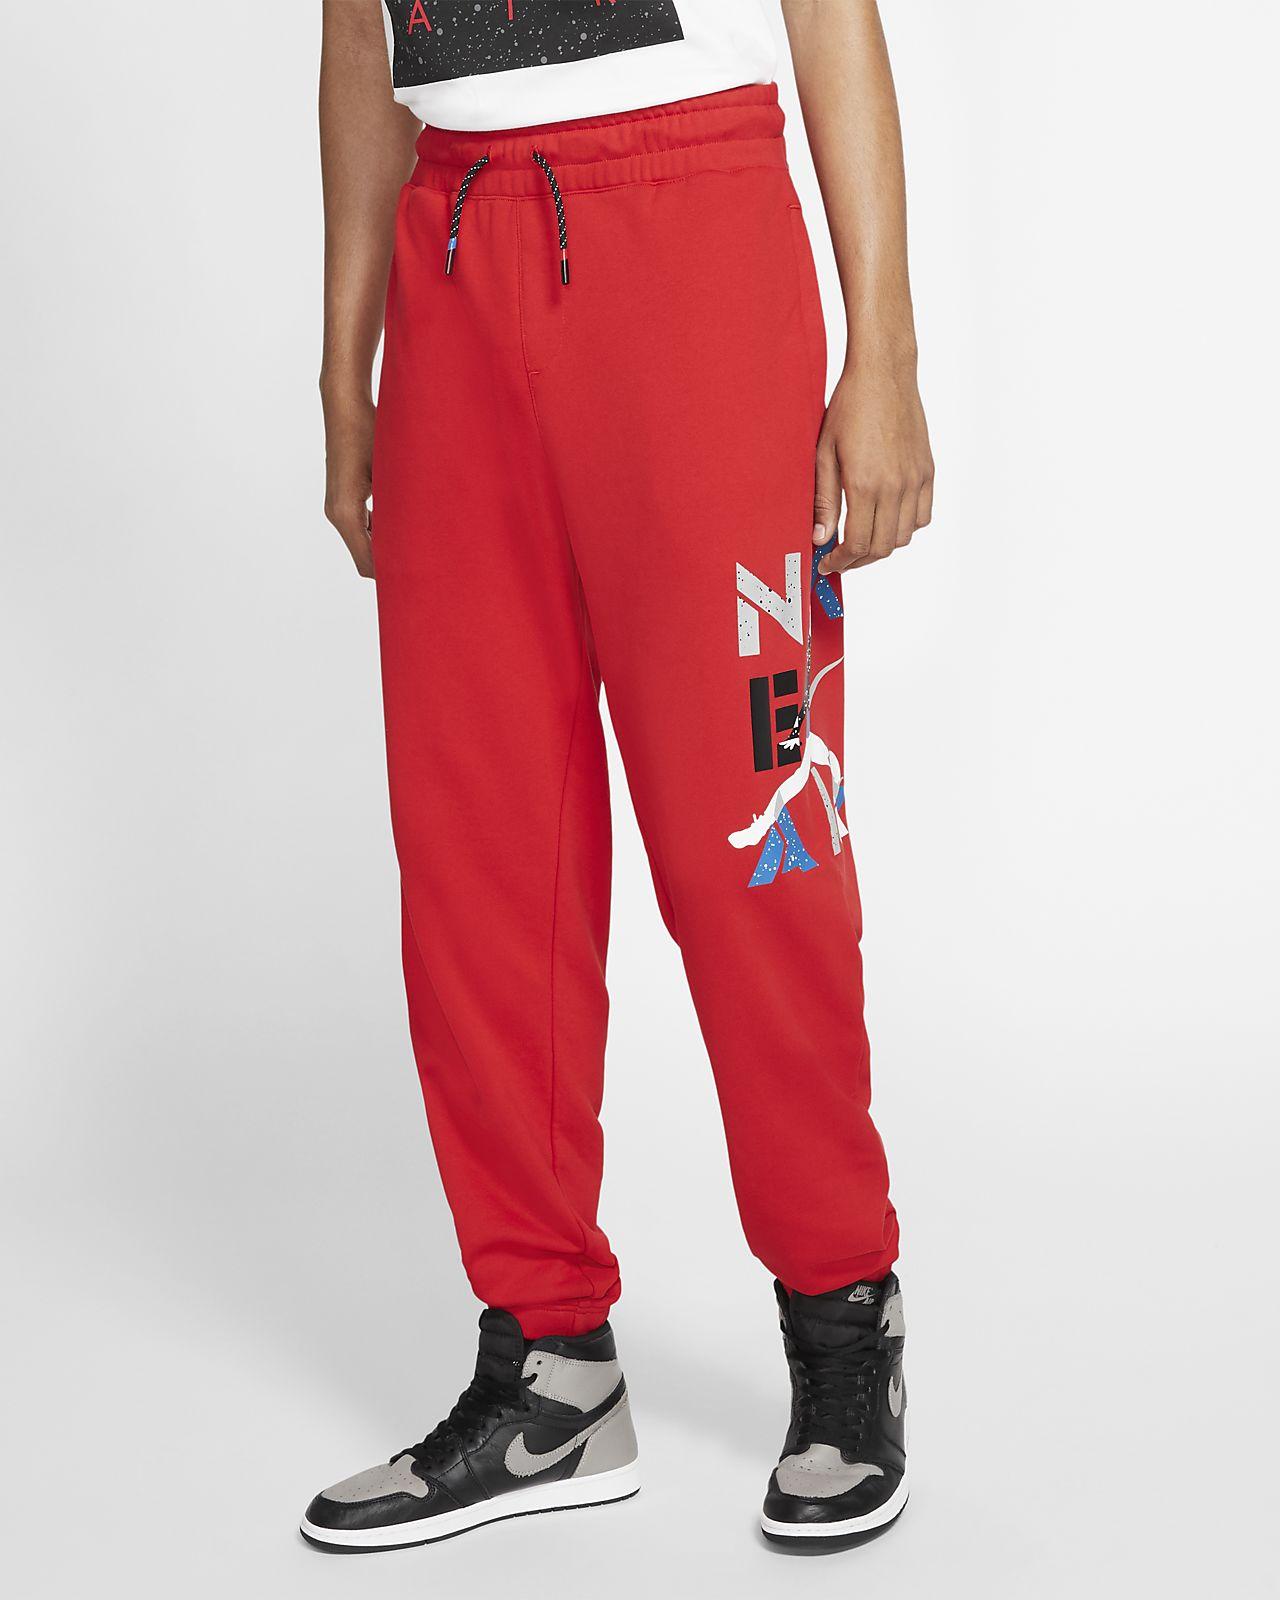 Jordan Legacy AJ4 Pants